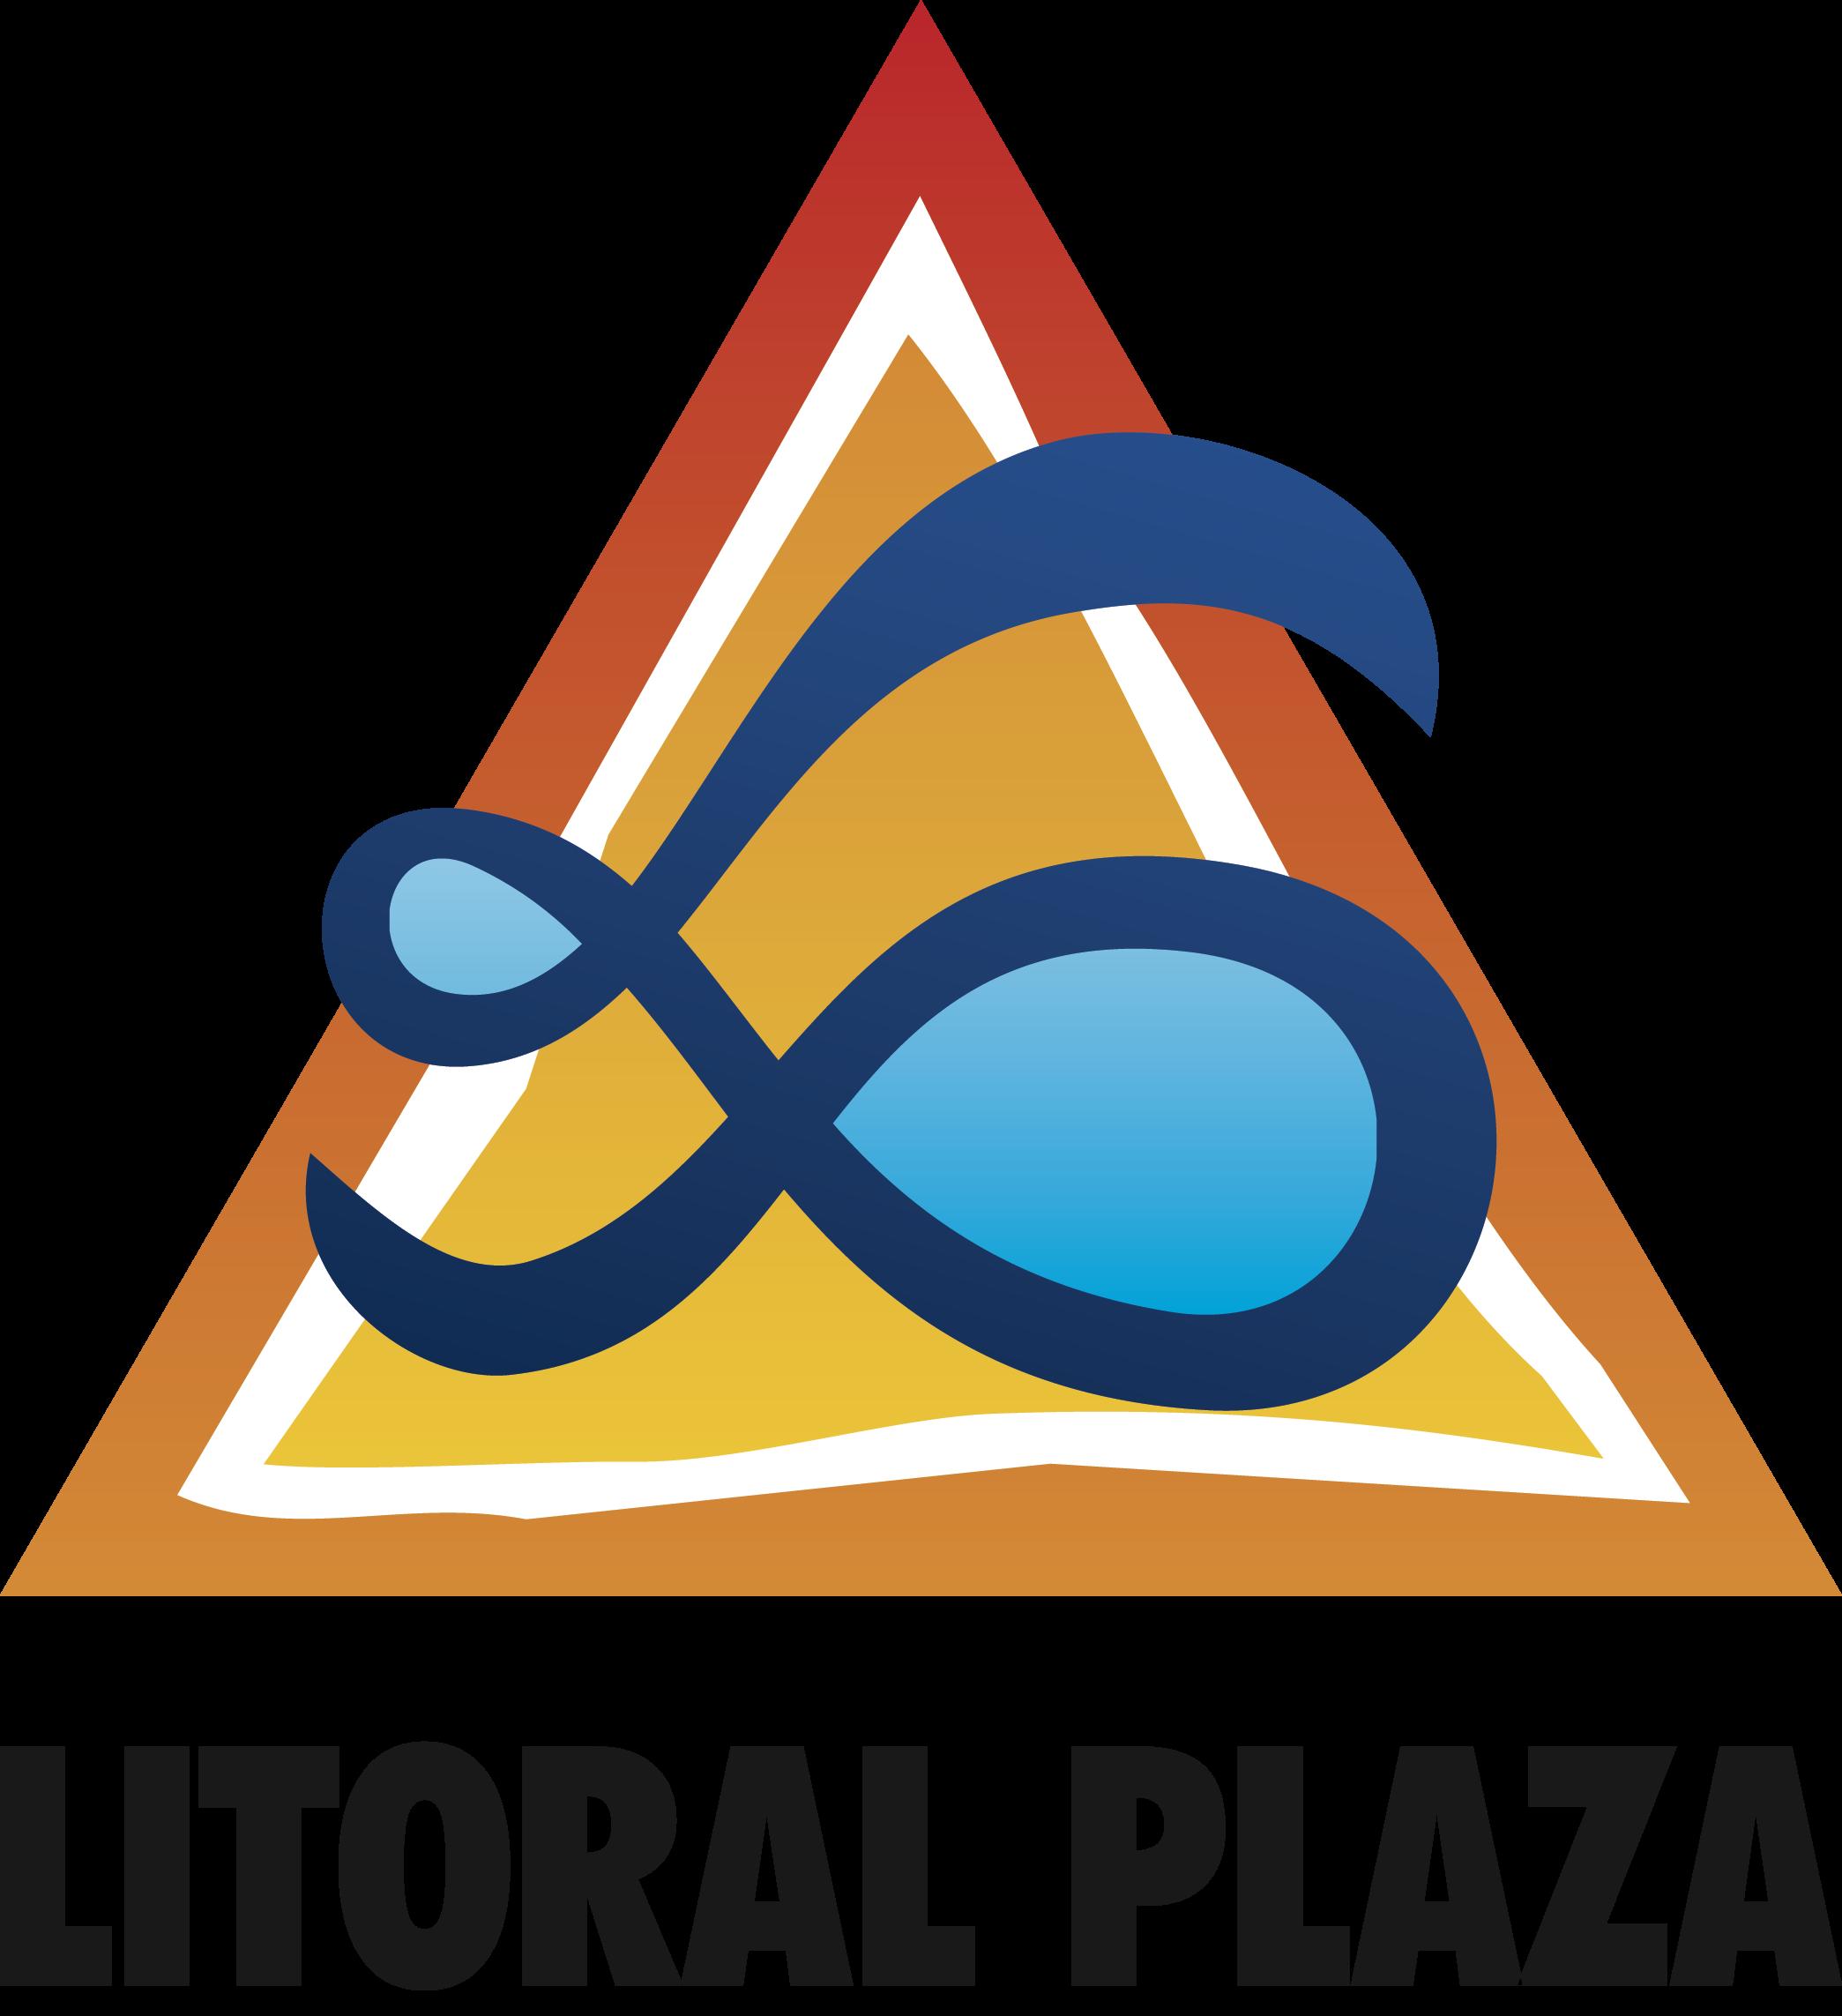 Litoral Plaza